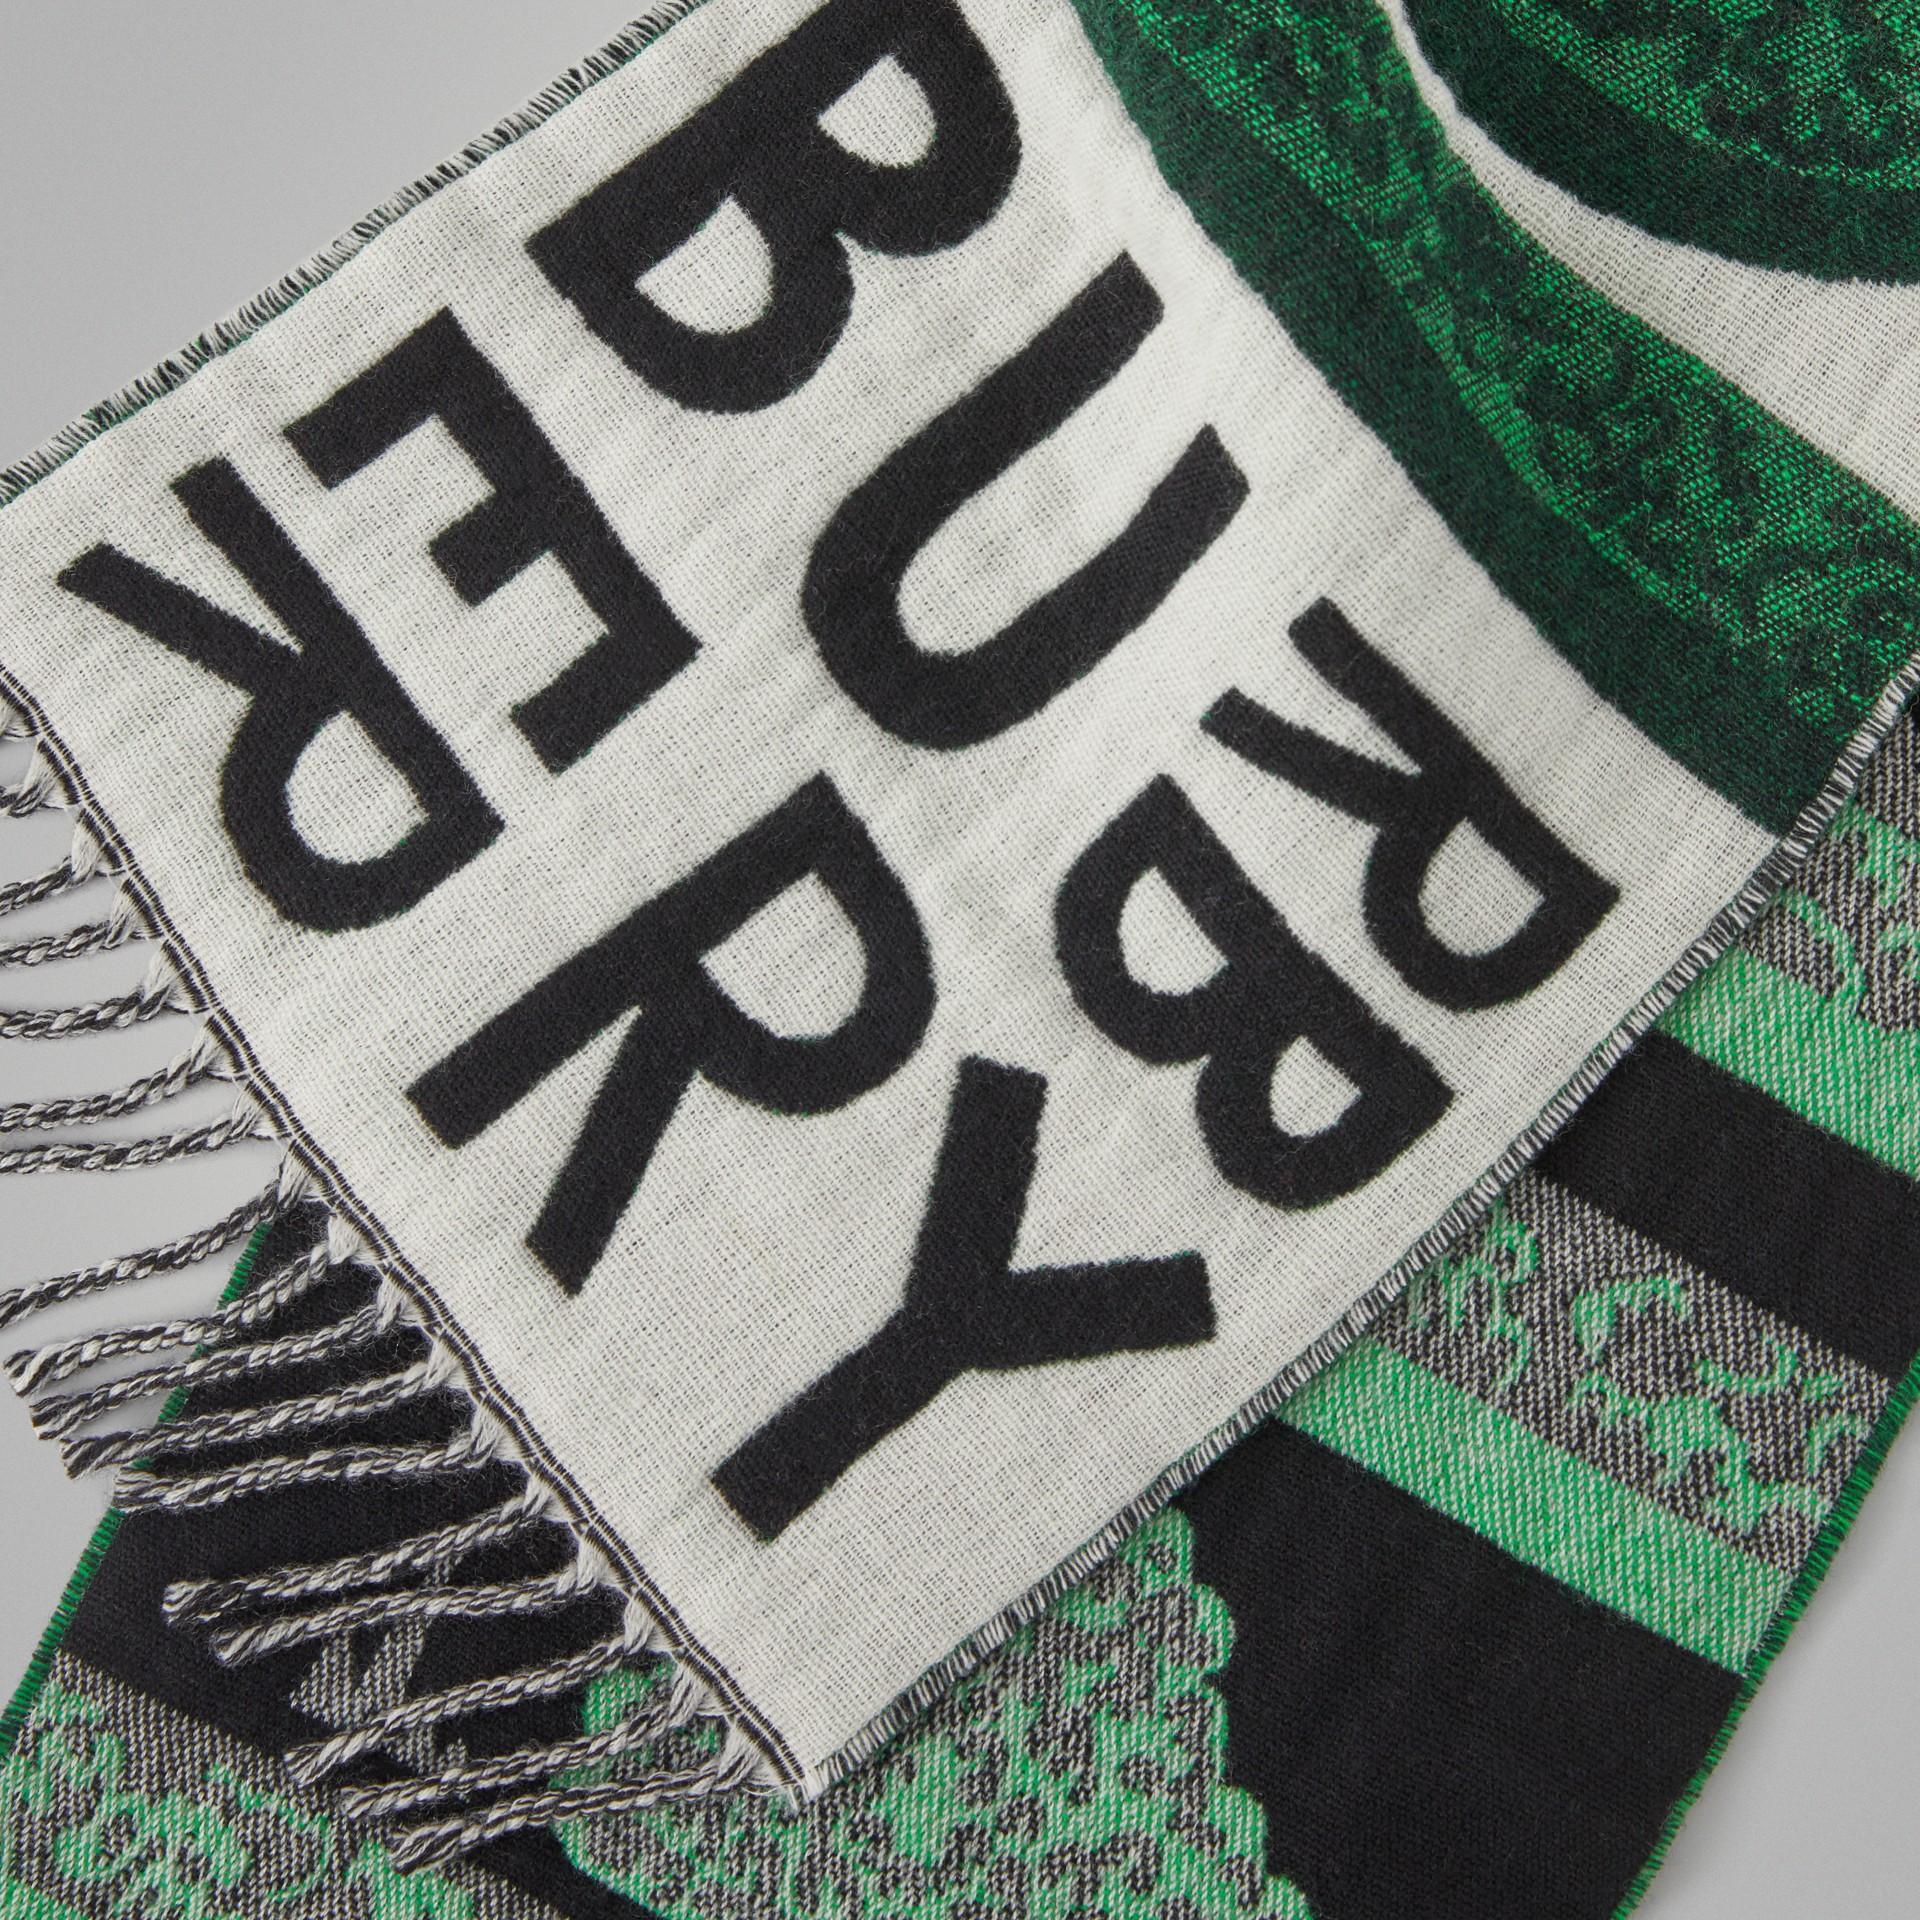 Жаккардовый шарф с узором Hedge Maze (Зеленый Турмалин) - Для детей | Burberry - изображение 1